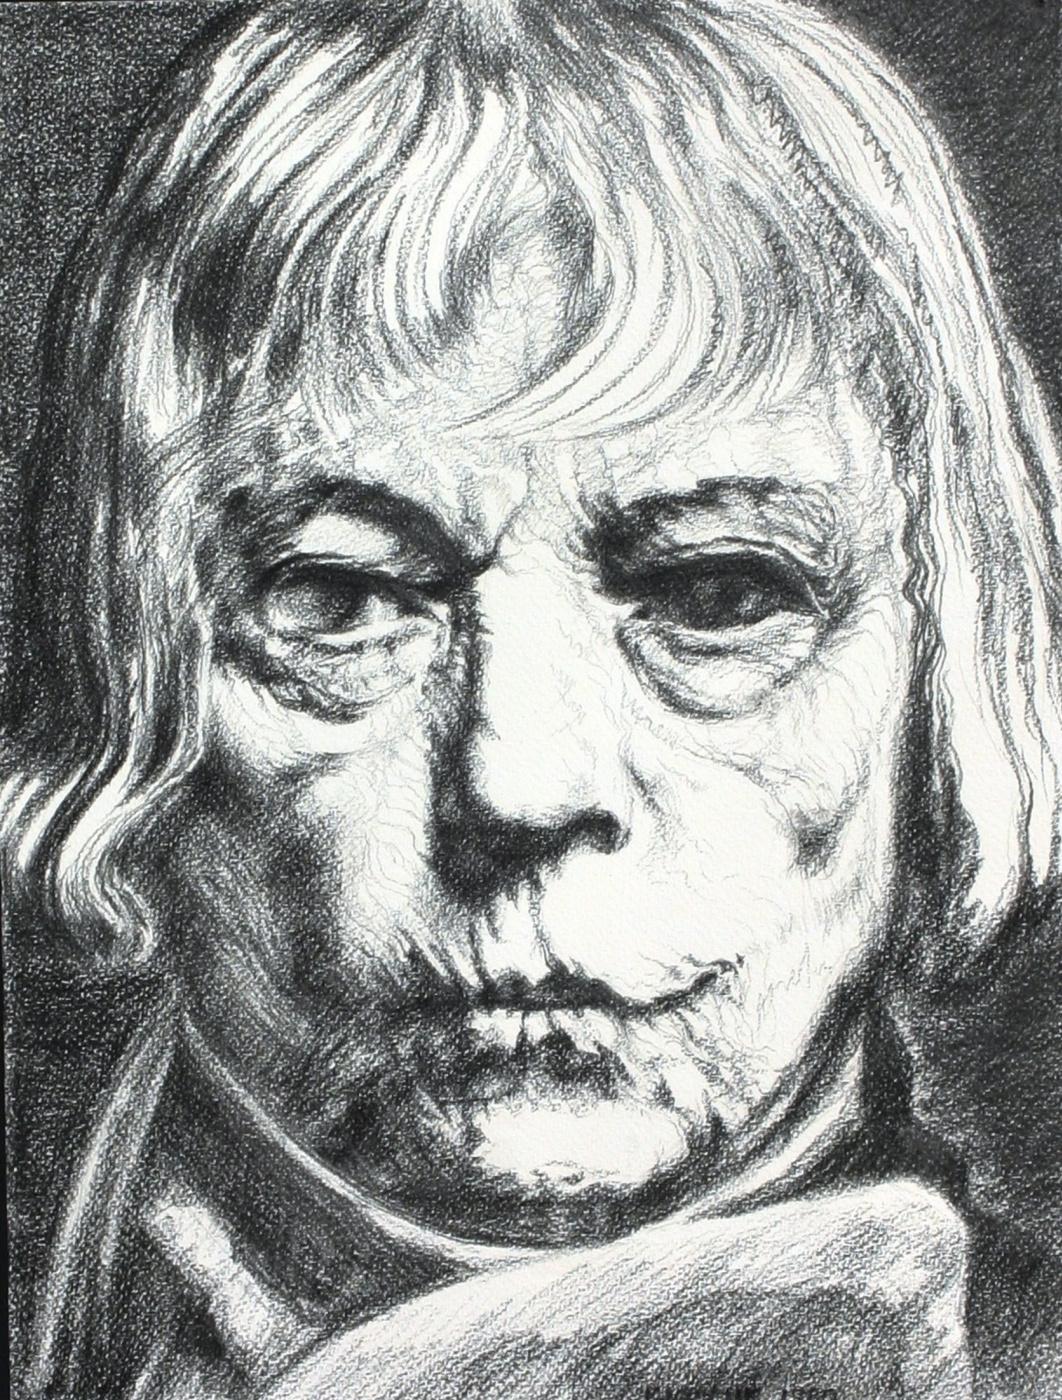 Alexander Ocher Kandinsky-DAE. Asta. Old woman with a thorn